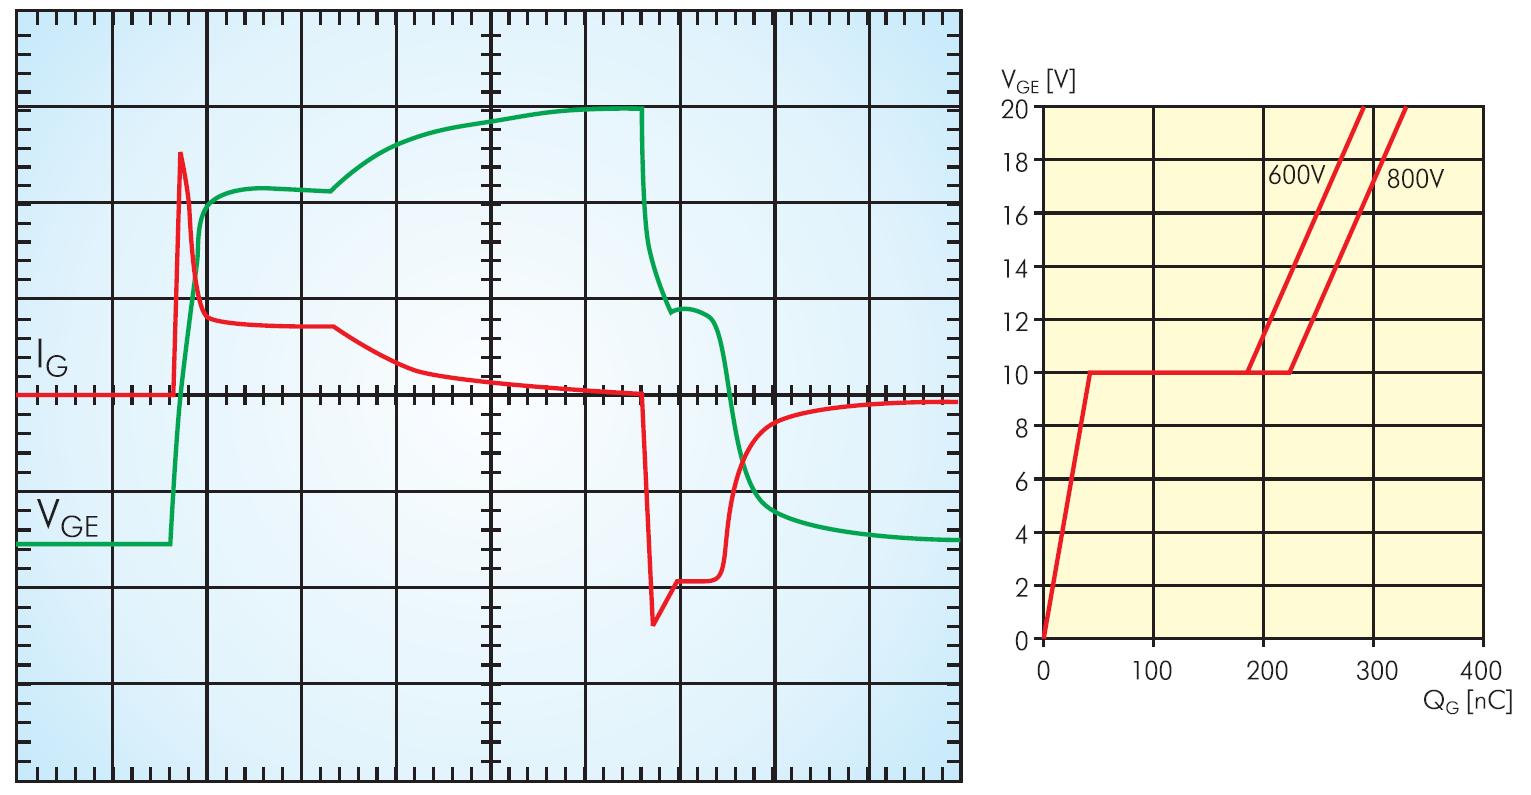 Напряжение на затворе VGE и ток затвора IG при переключении транзистора IGBT